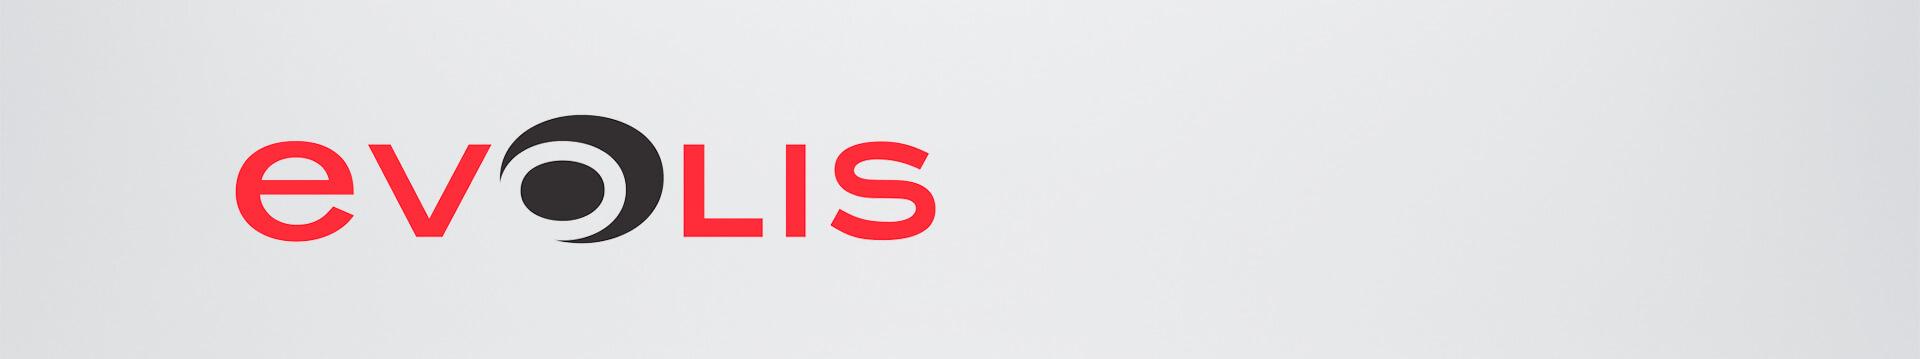 Evolis Hersteller Logo